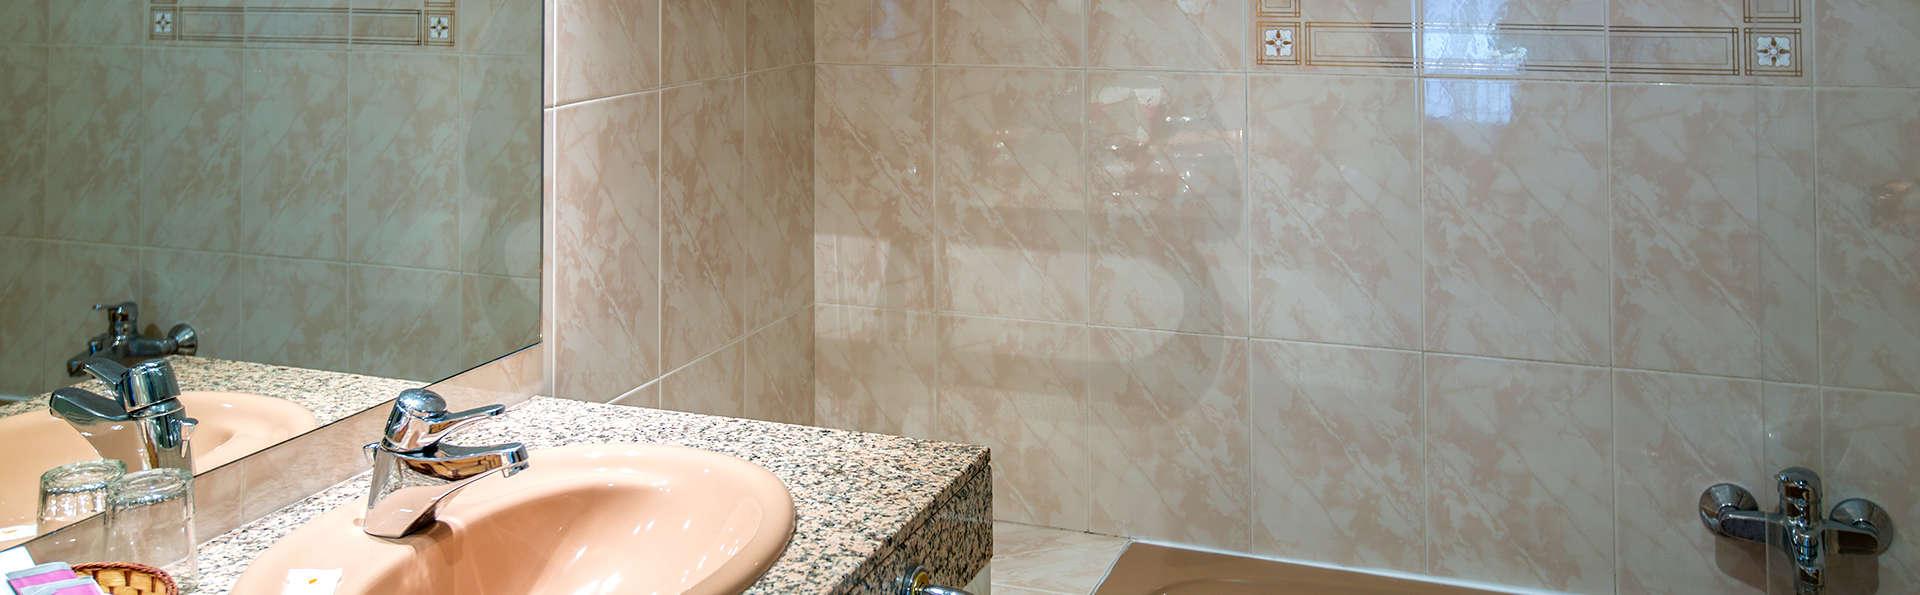 Imperial Atiram Hotel - EDIT_NEW_BATHROOM.jpg